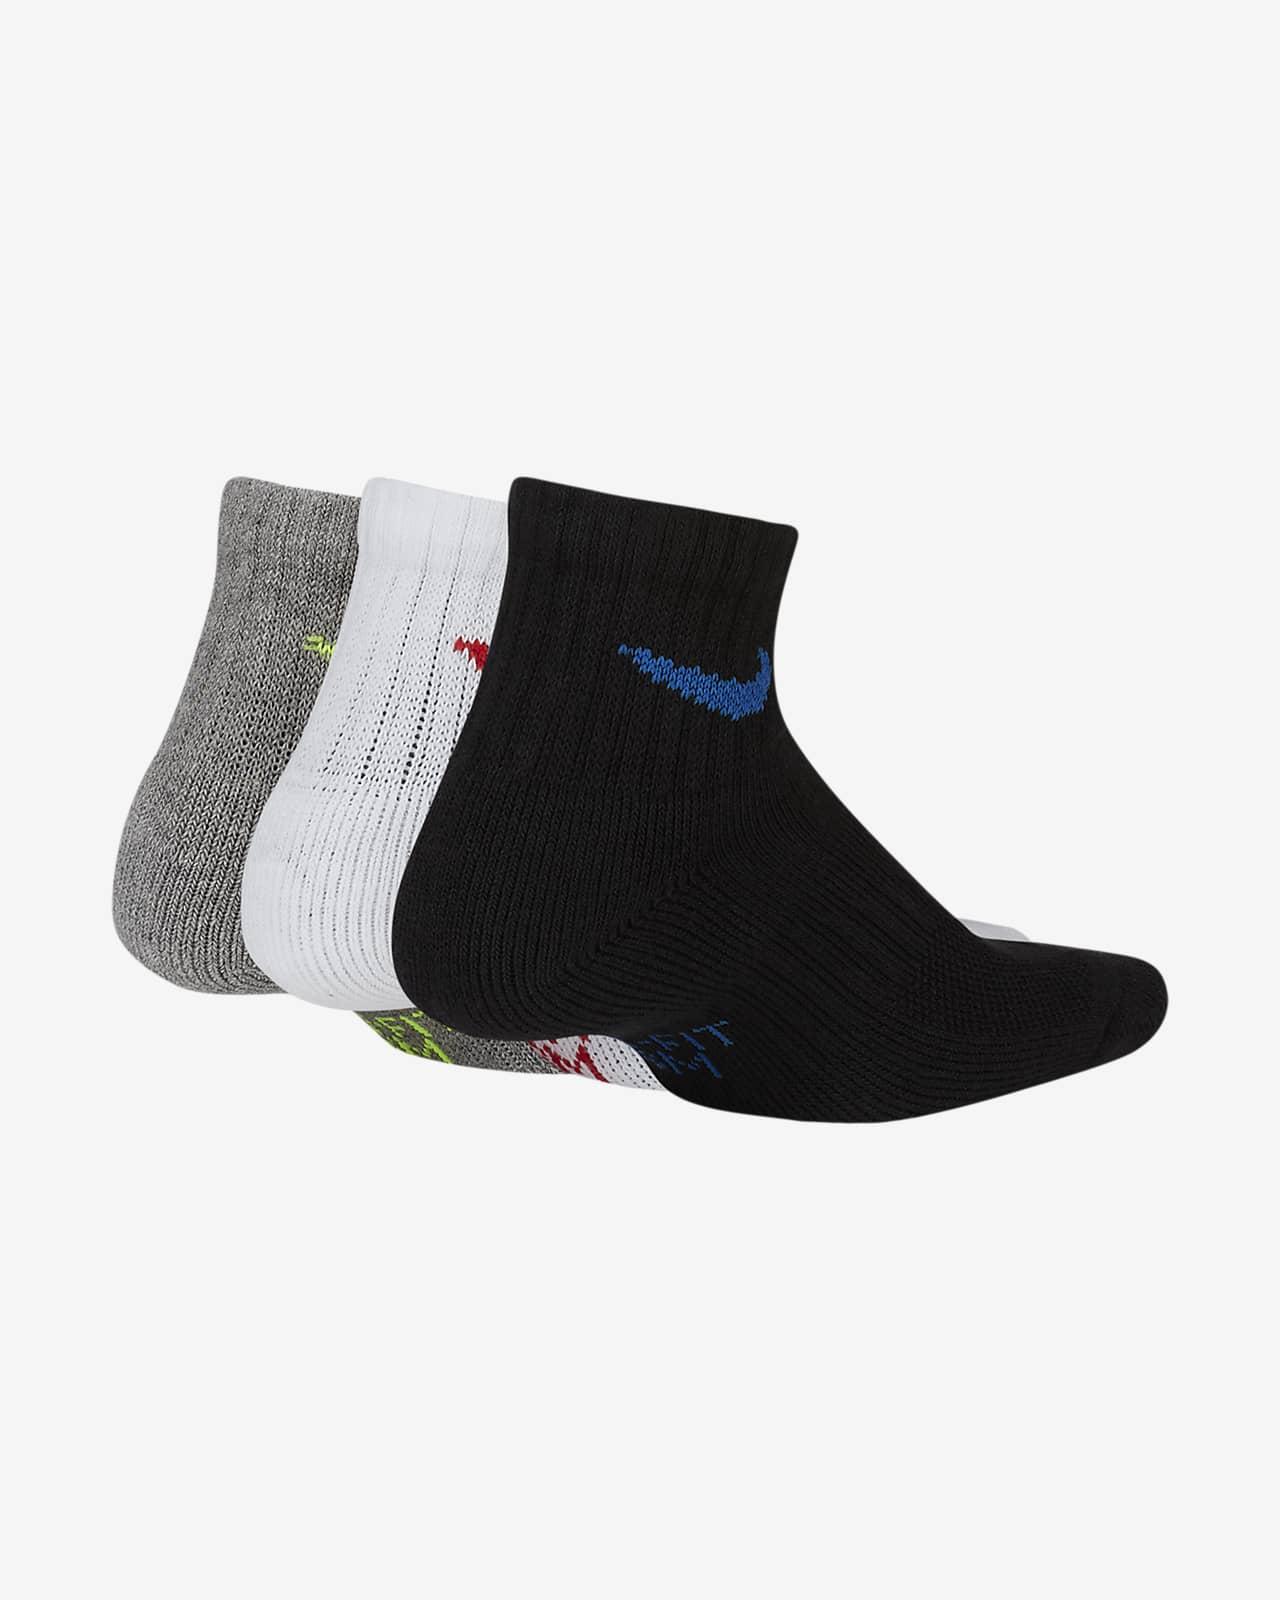 ถุงเท้าหุ้มข้อลดแรงกระแทกเด็กโต Nike Everyday (3 คู่)